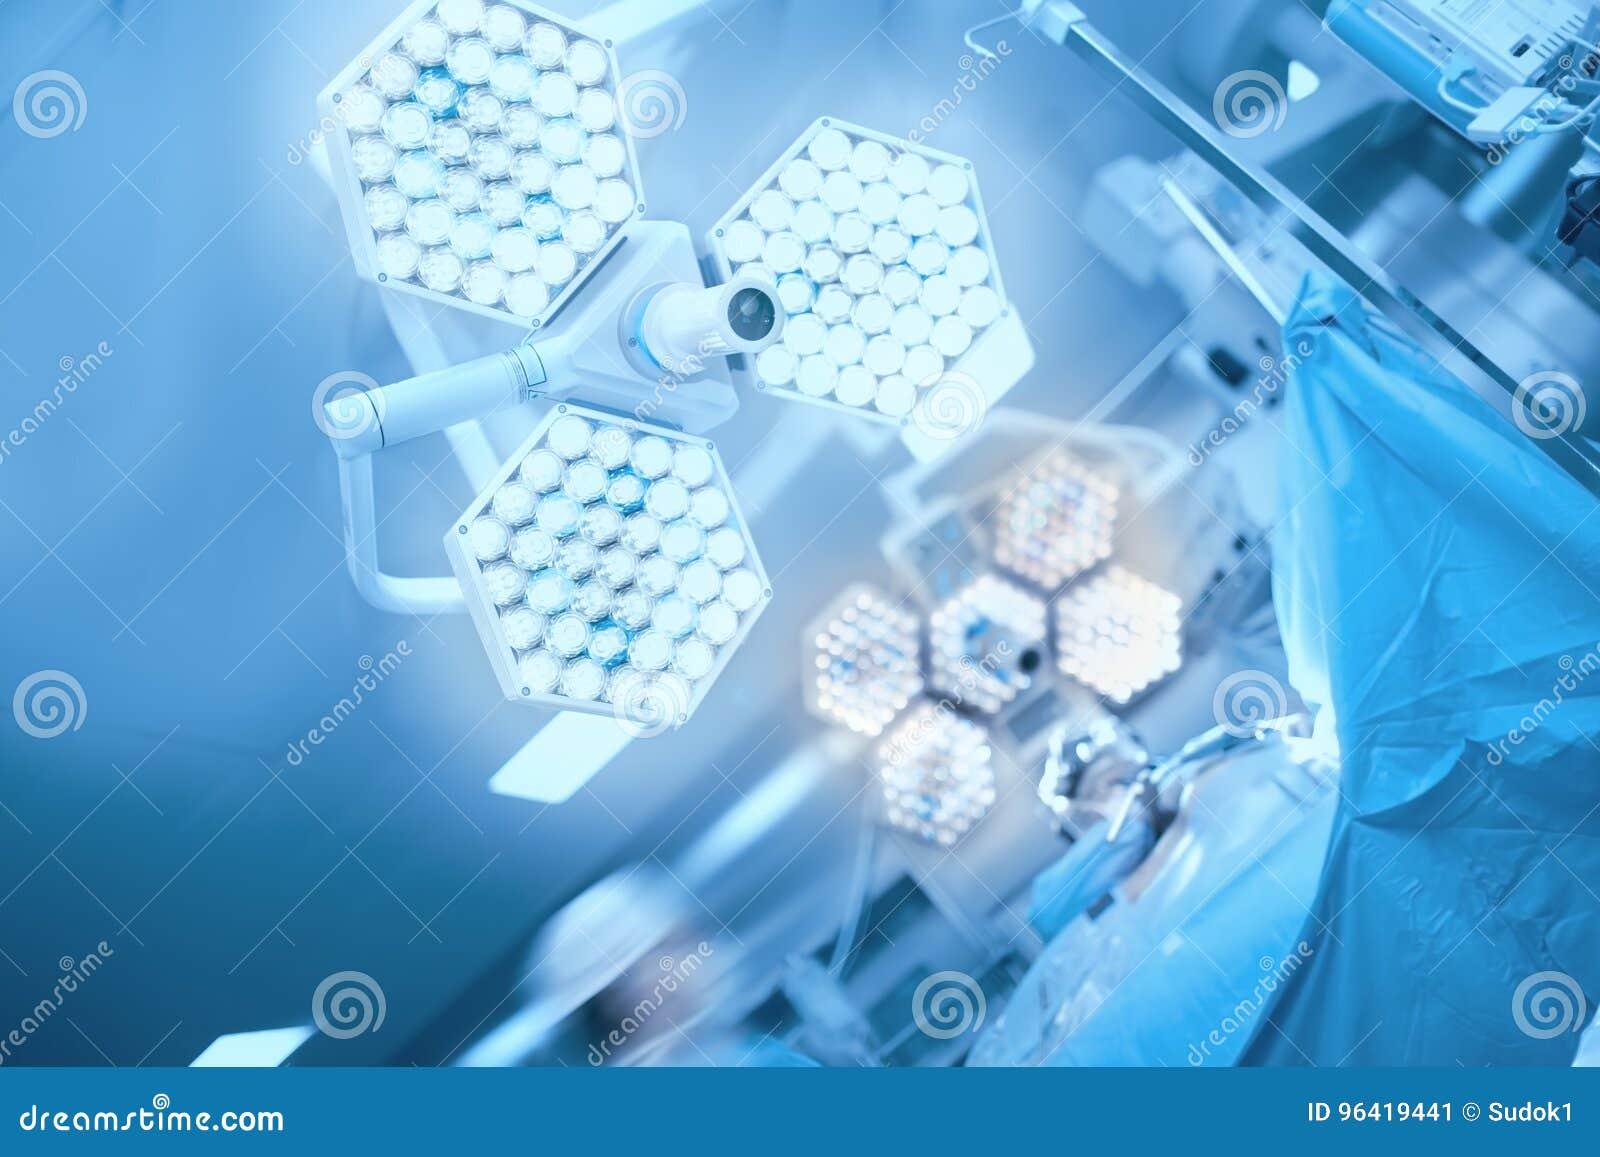 Хирургический свет в операционной